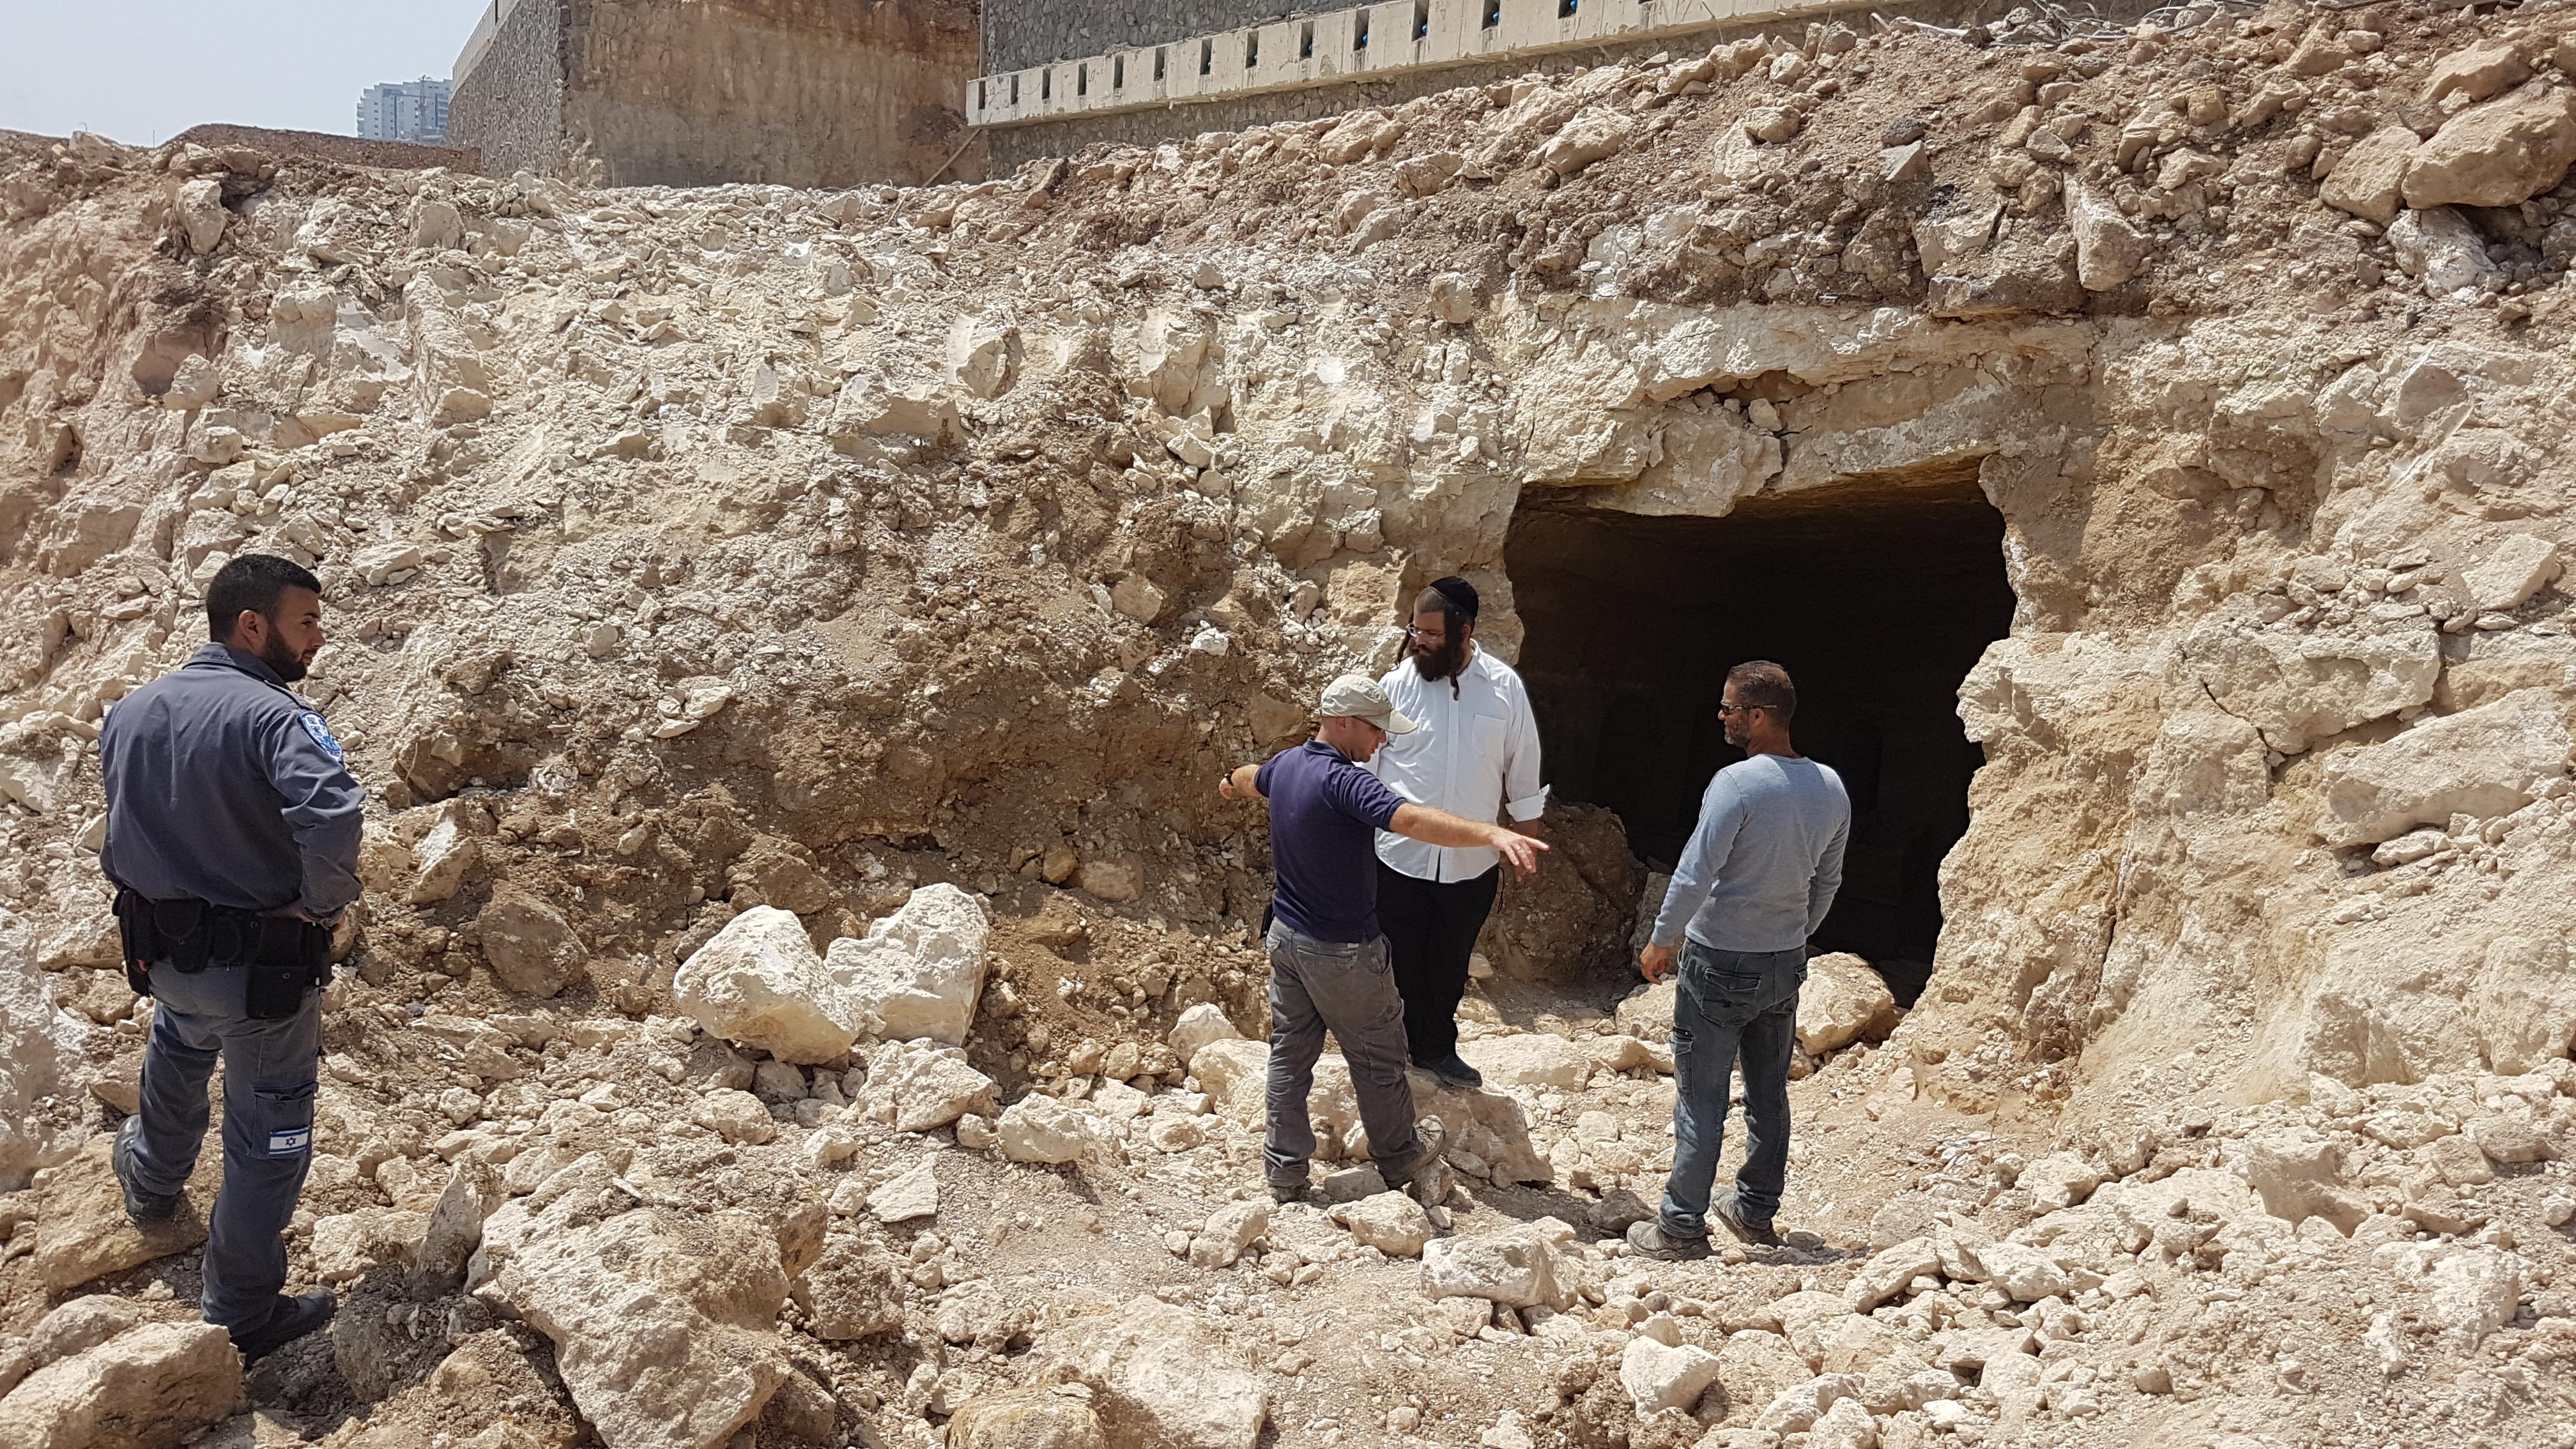 החצר החיצונית של מערכת הקבורה בטבריה - צילום: מיקי פלג, רשות העתיקות